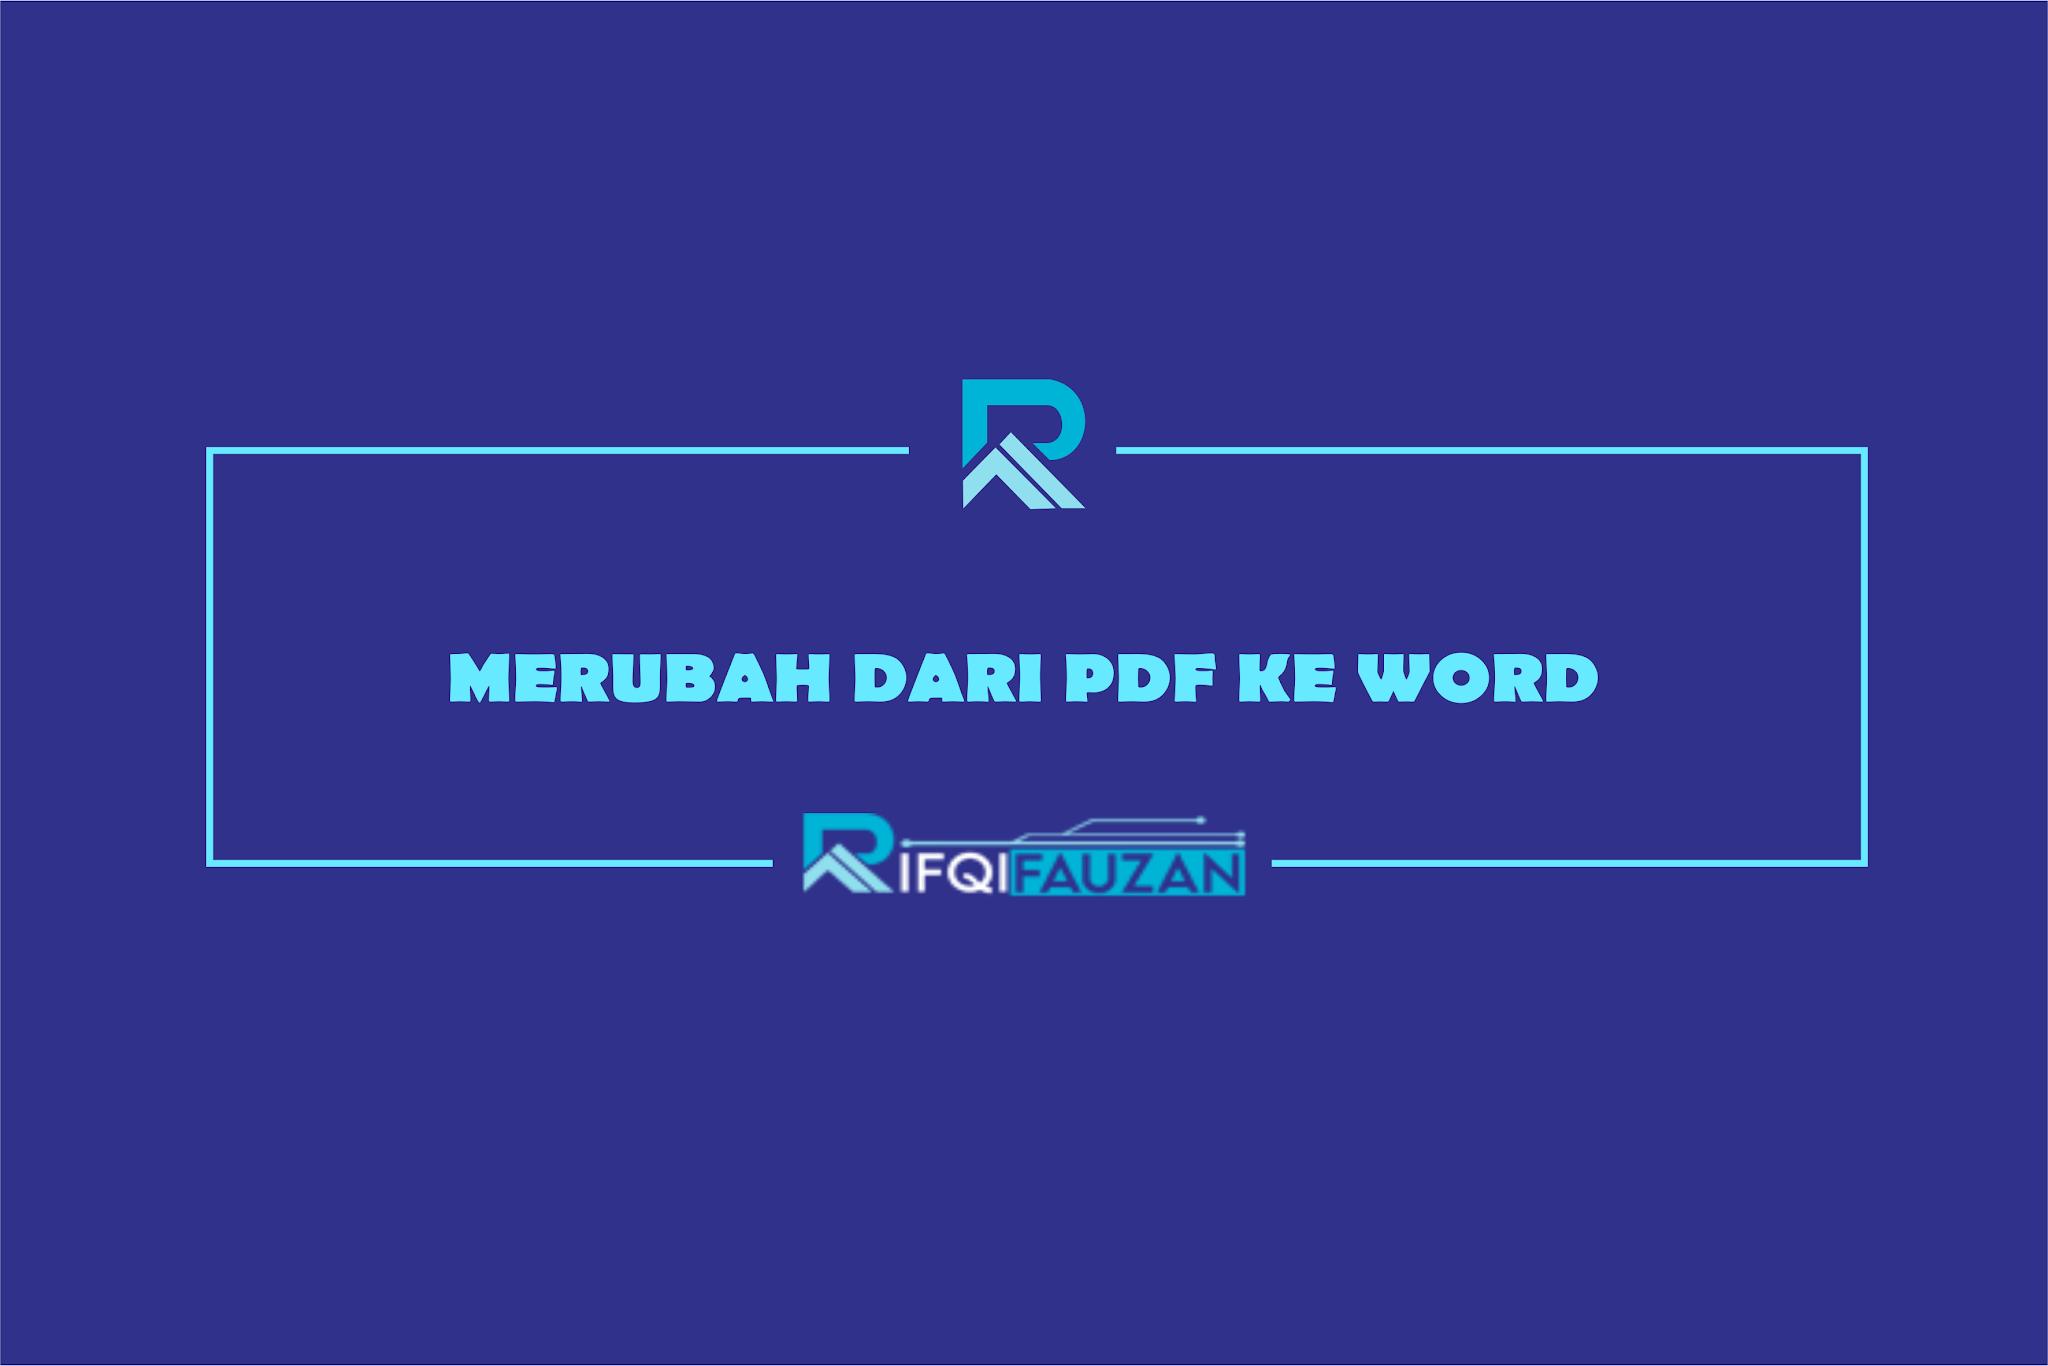 CARA MUDAH MENGUBAH PDF KE WORD